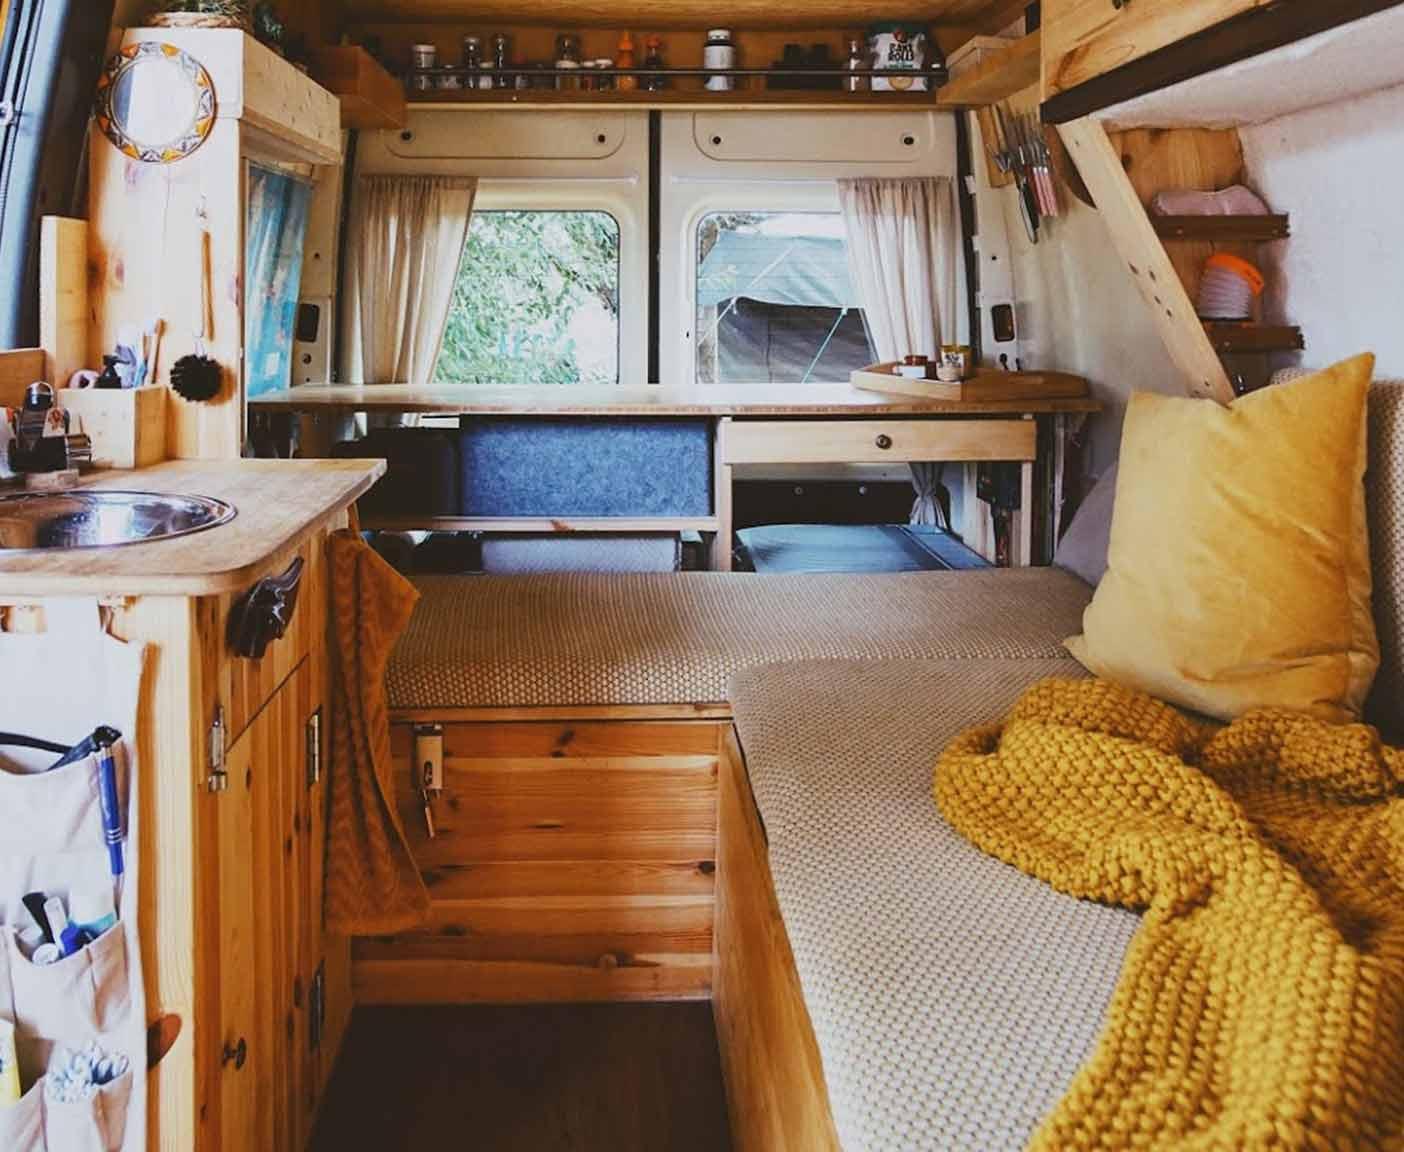 Ford-Transit-van-kaufen-ausbau-küche-bett-stehhöhe